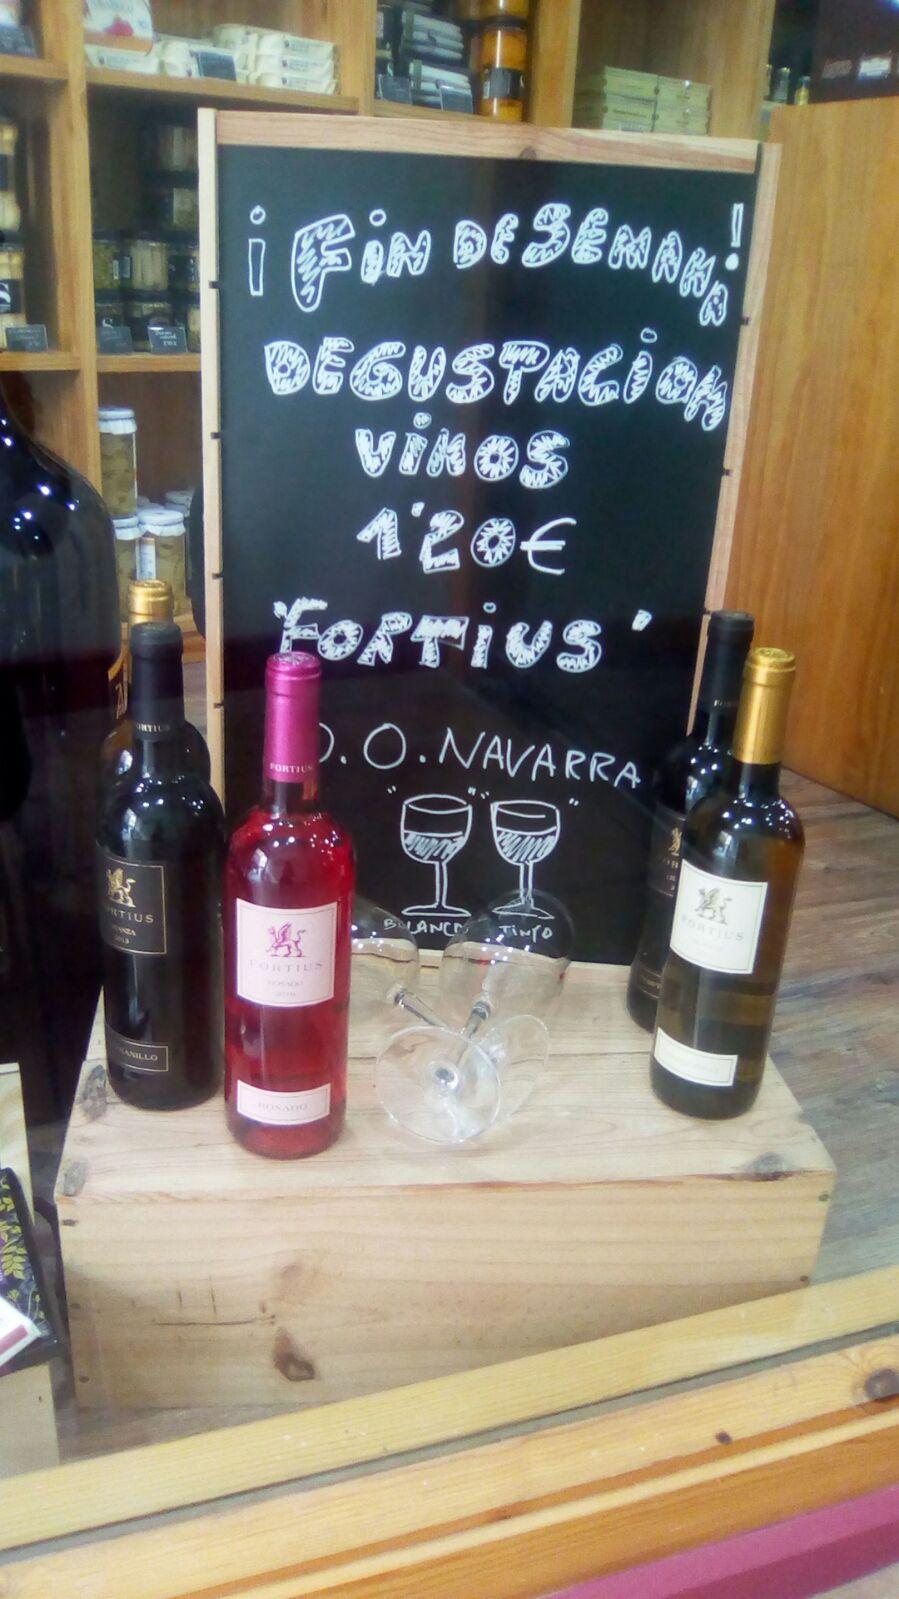 Desgustacion vinos fortius